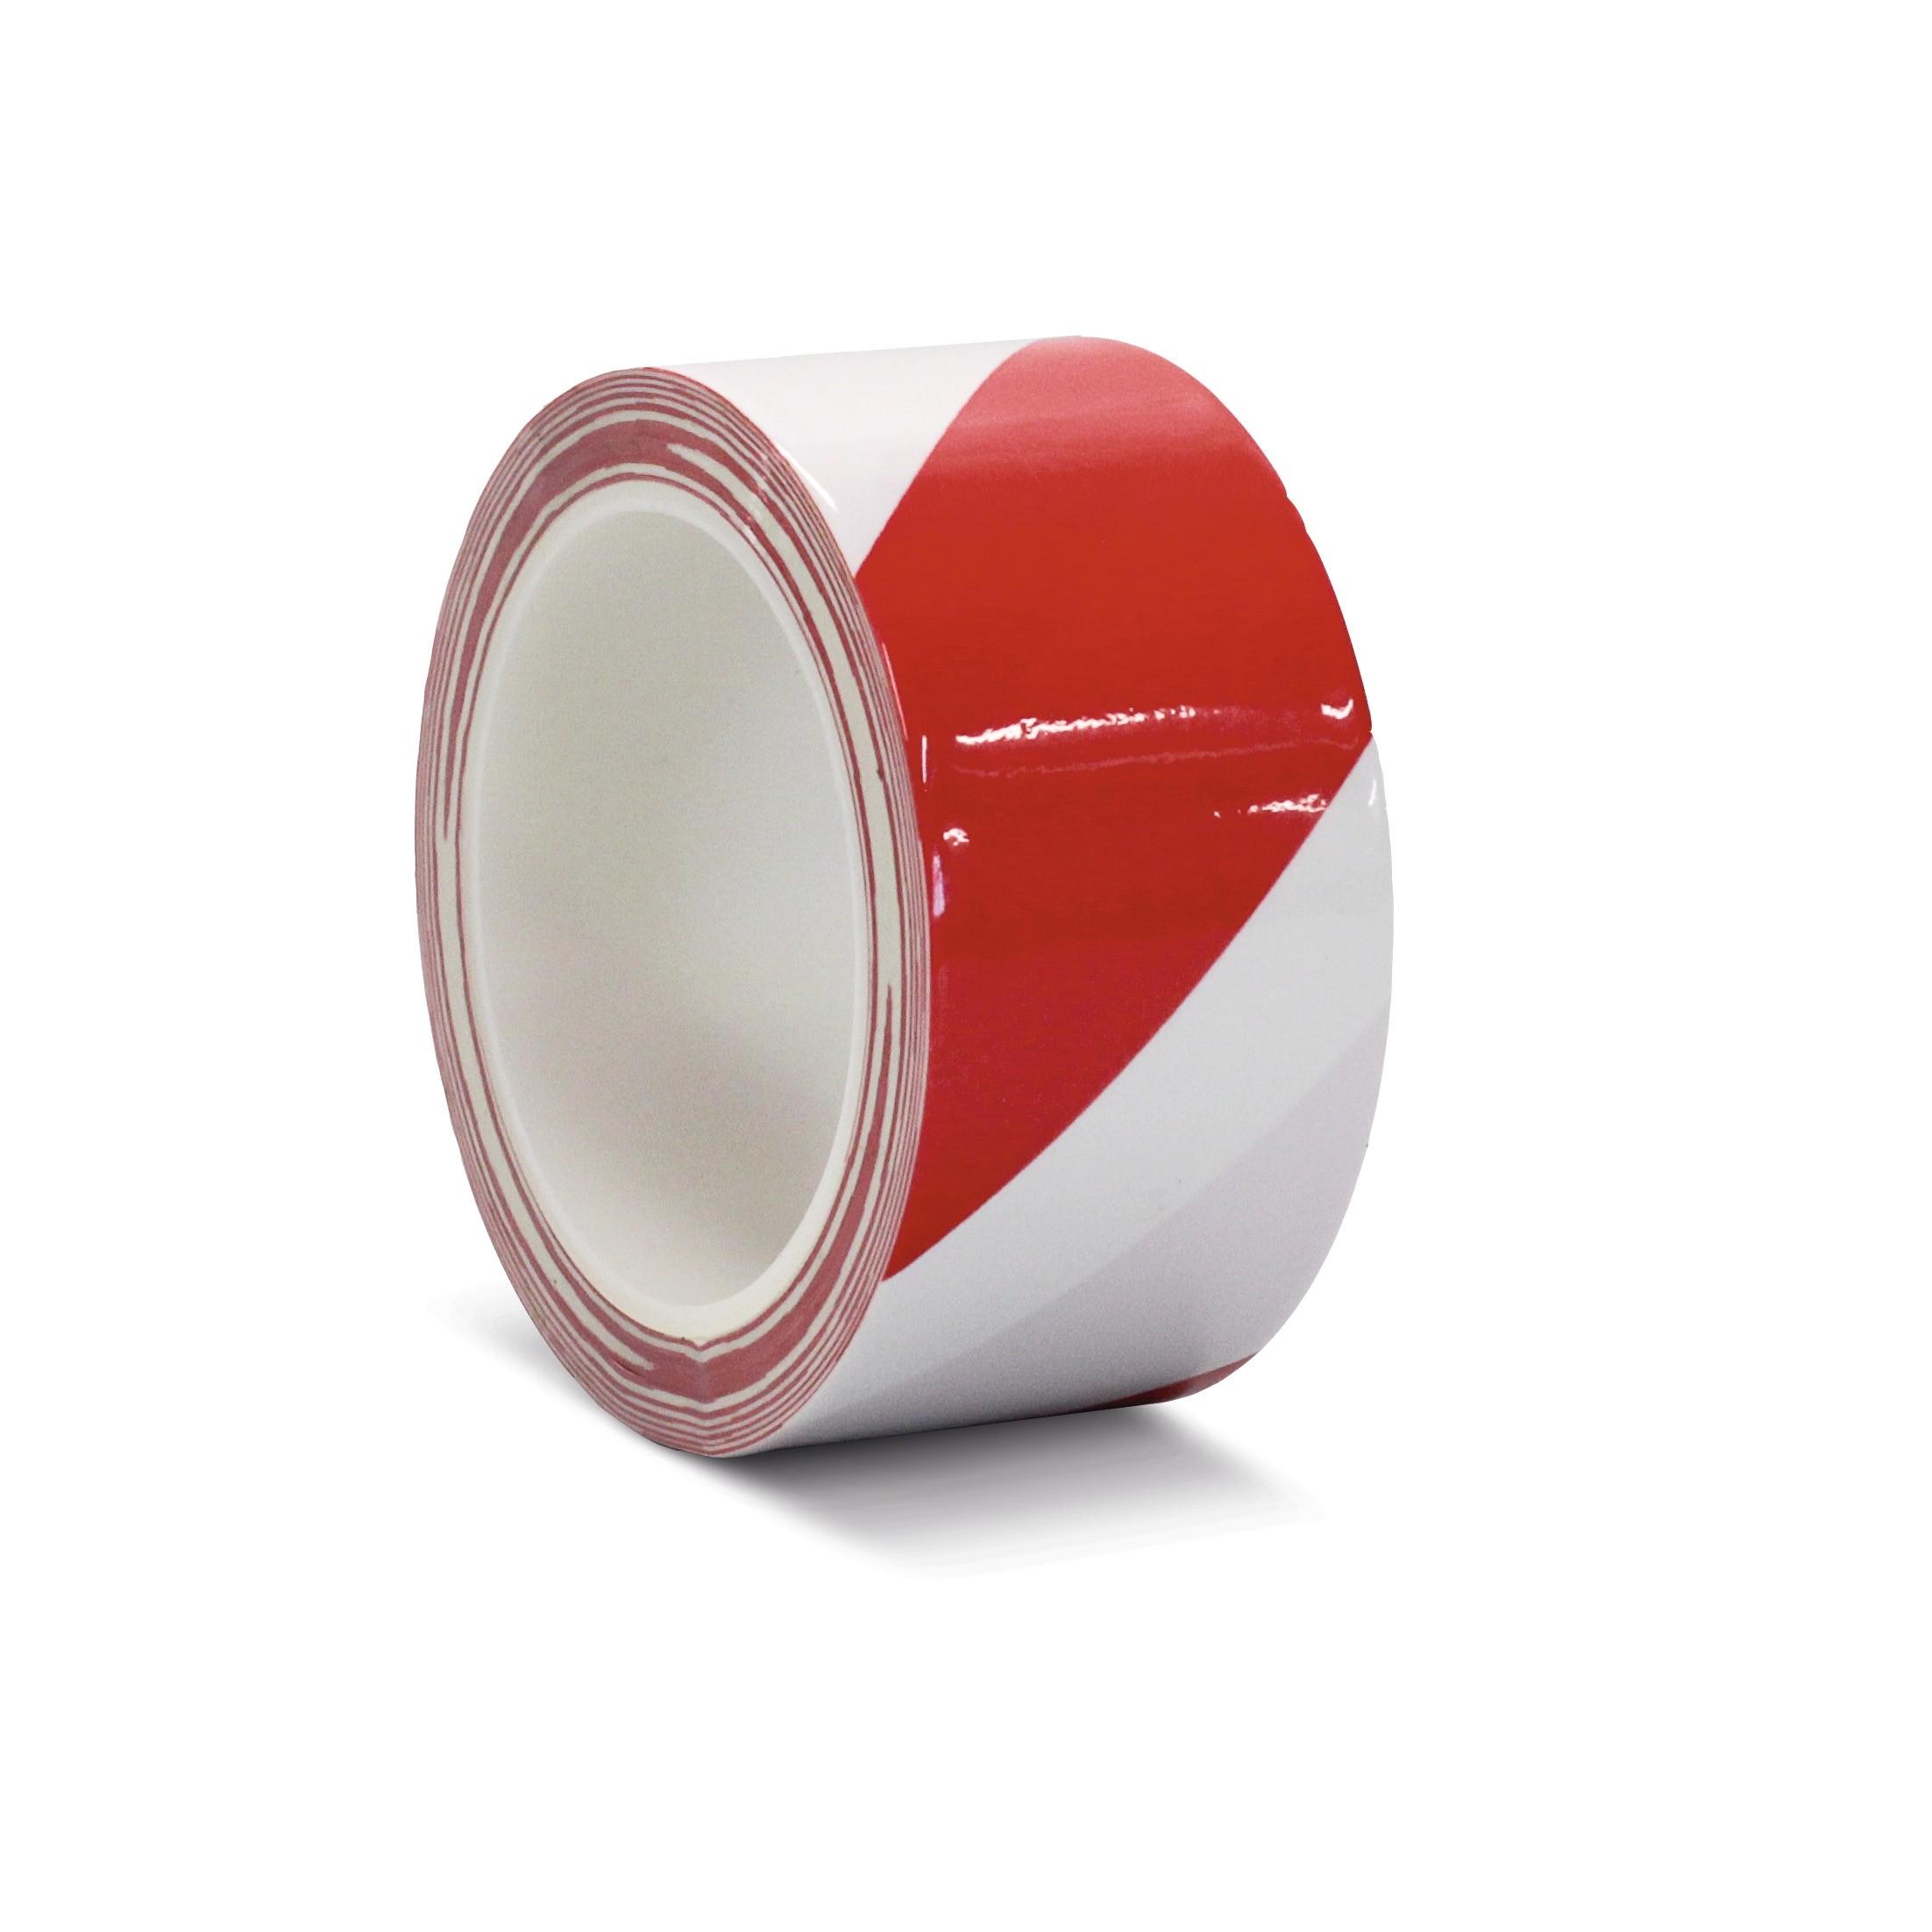 Podlahová páska štandard laminovaná výstražná červeno / biela